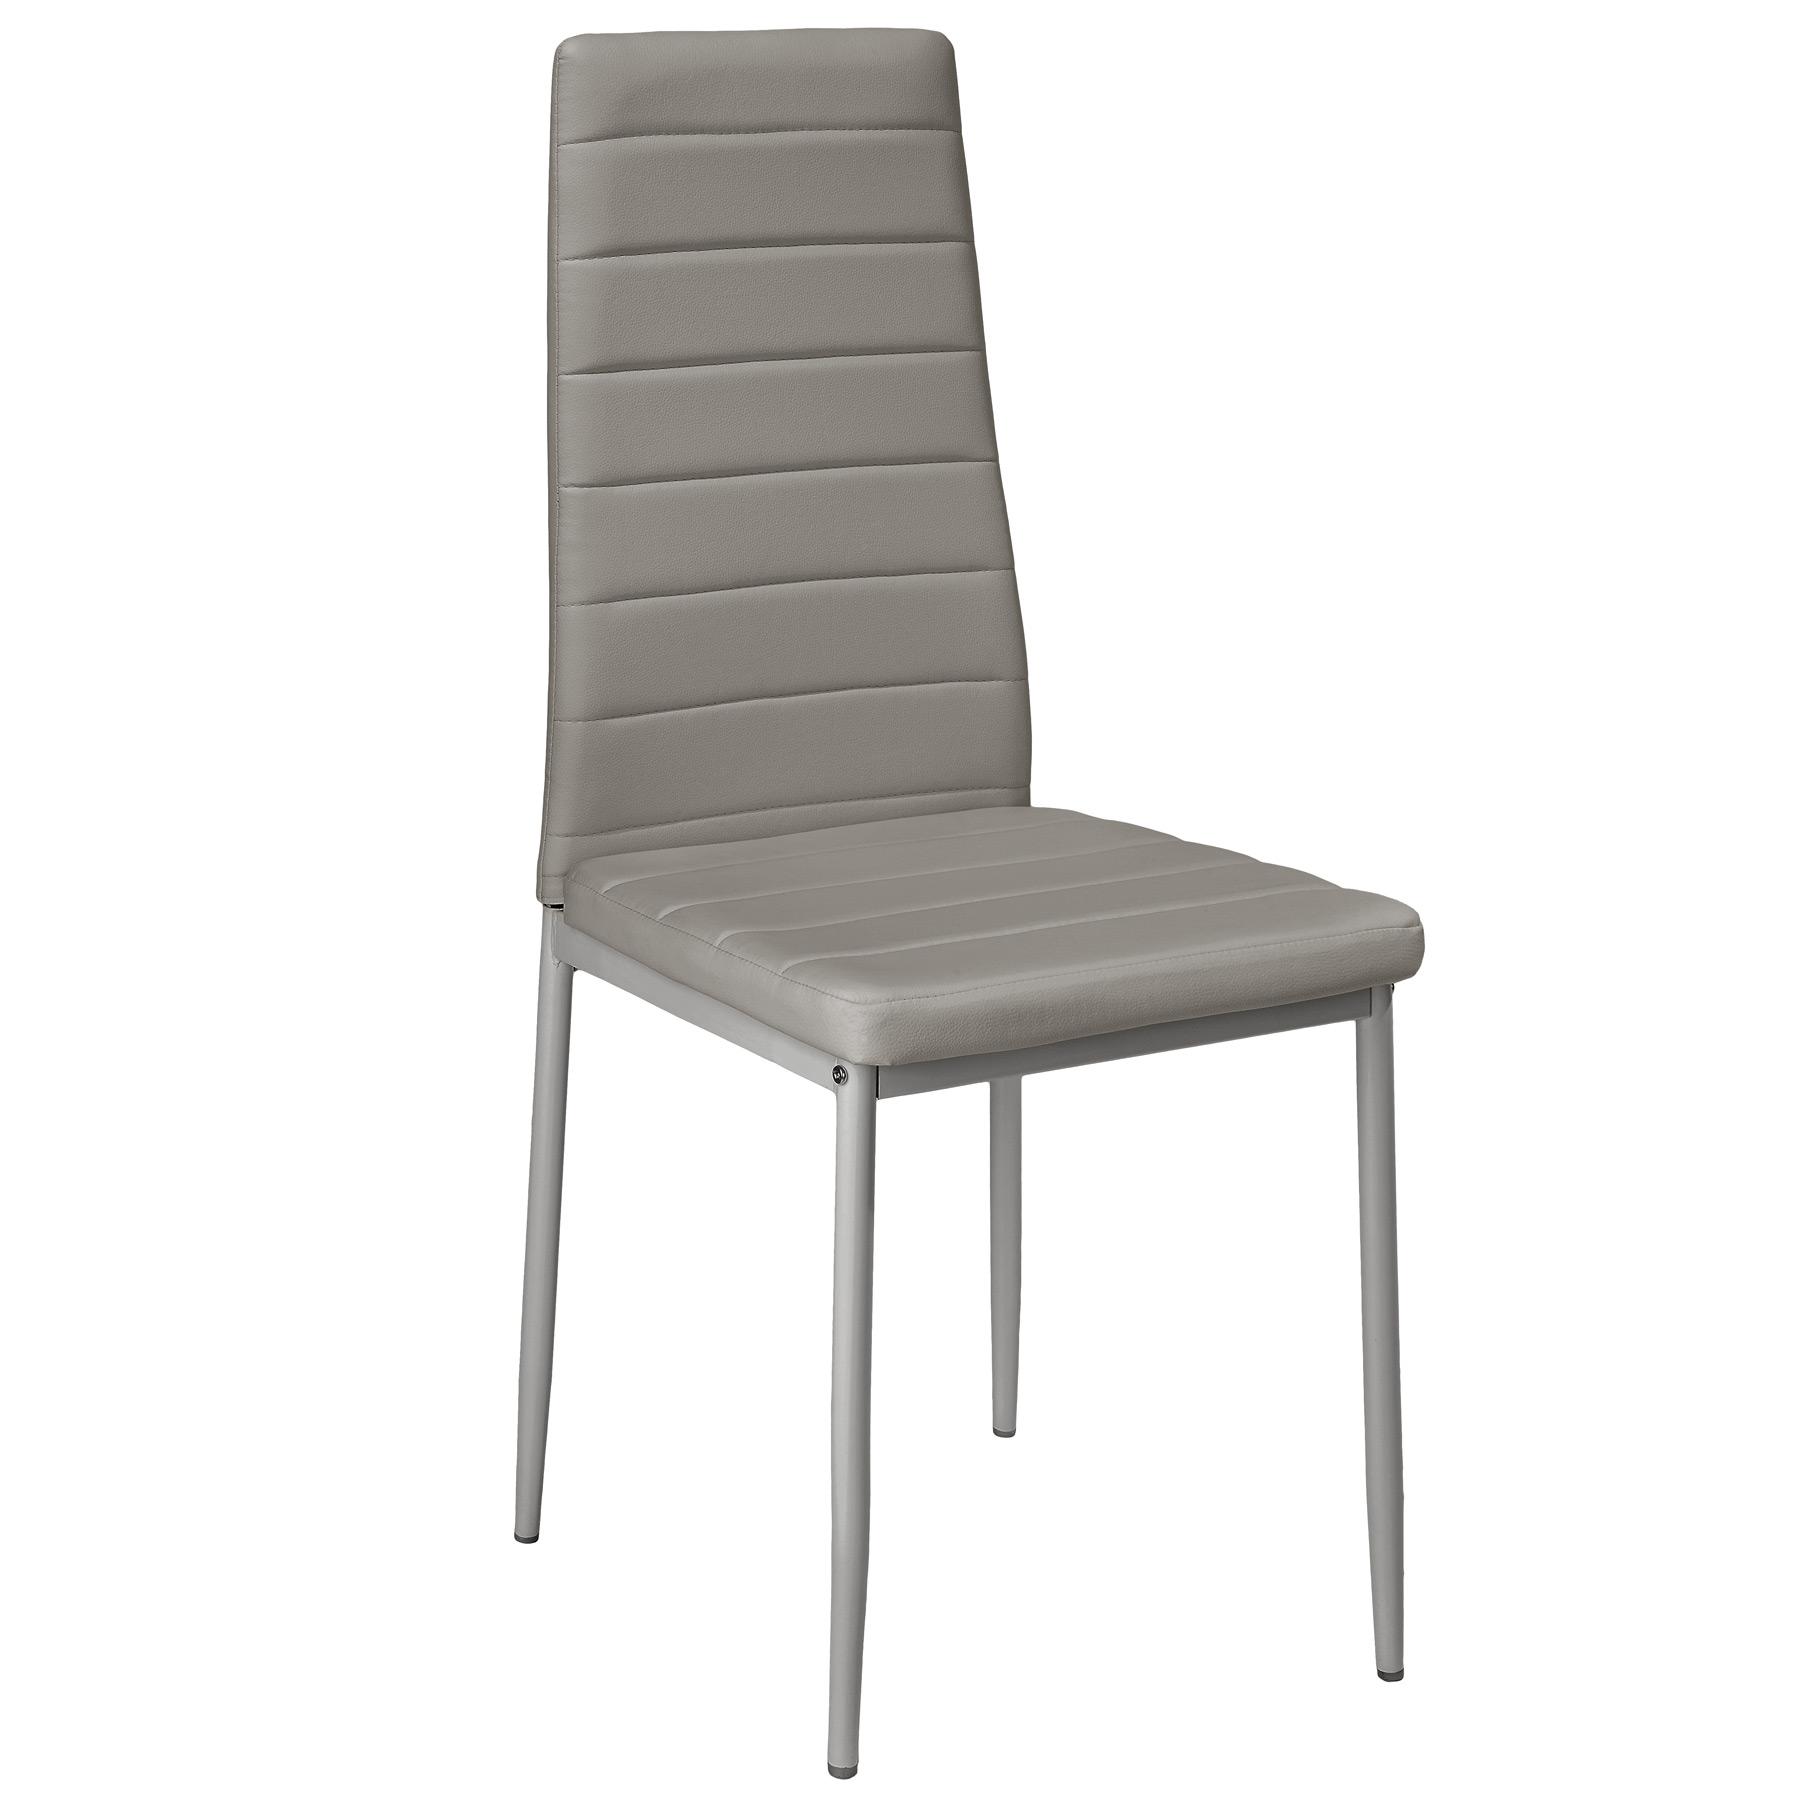 6x esszimmerstuhl set st hle k chenstuhl hochlehner wartezimmer stuhl grau ebay. Black Bedroom Furniture Sets. Home Design Ideas